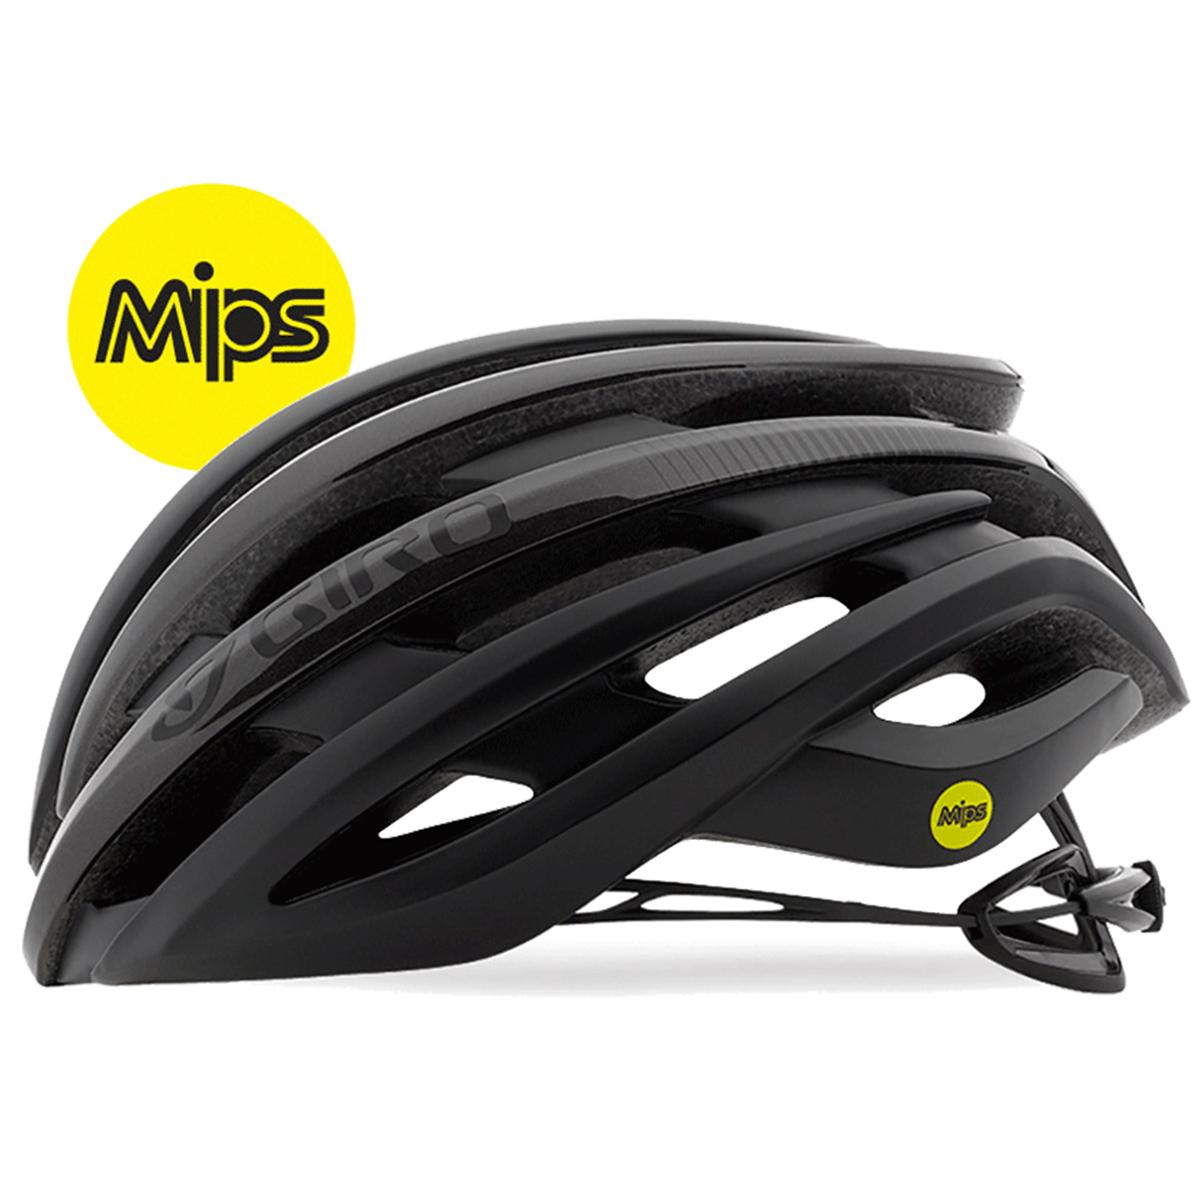 giro cinder mips road bike helmet 2019 merlin cycles. Black Bedroom Furniture Sets. Home Design Ideas